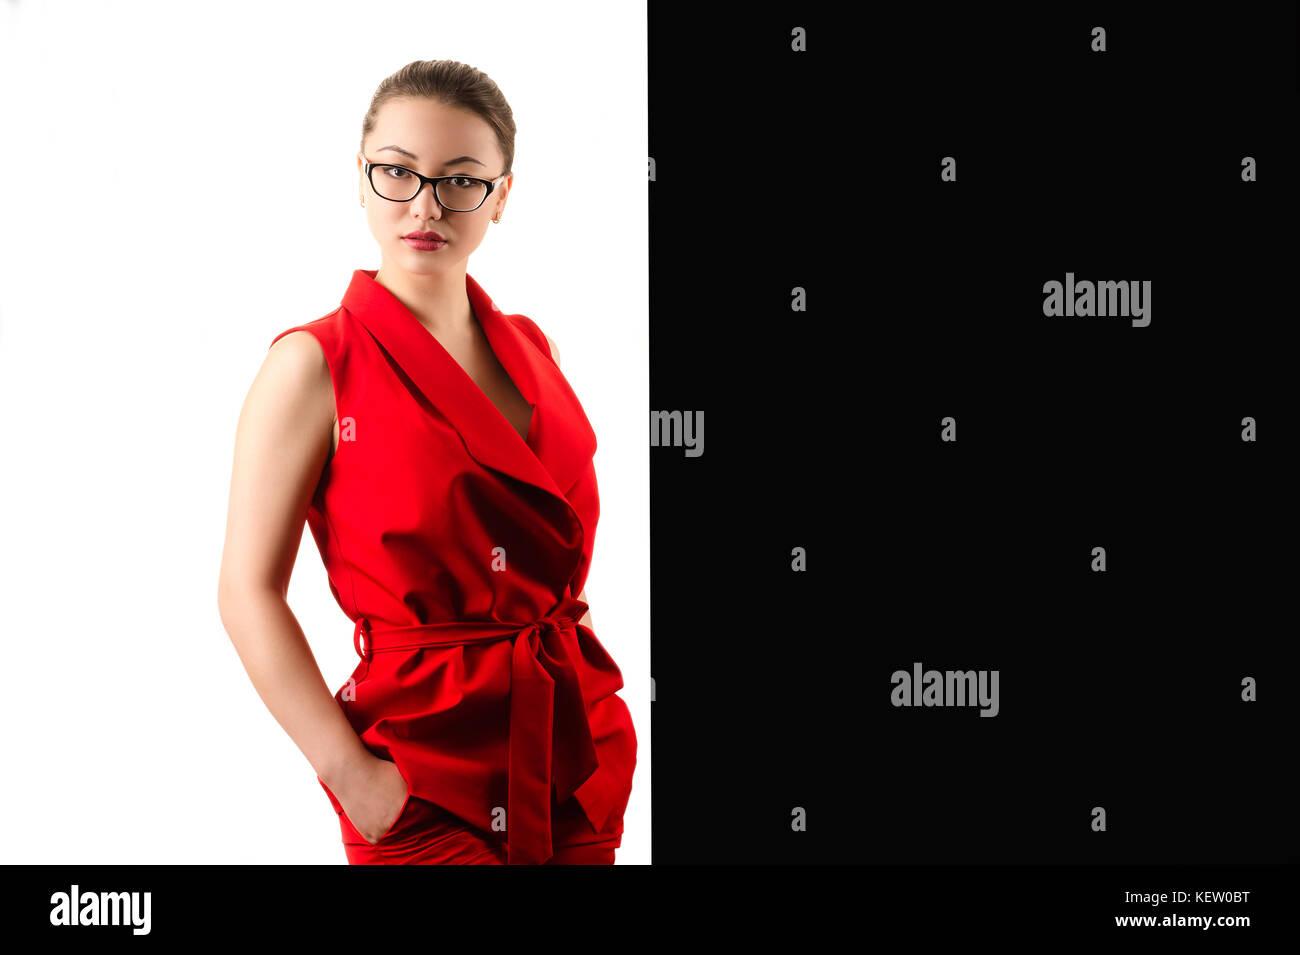 c949cccda087 Elegante business moda donna in abito rosso su nero e sfondo bianco  Immagini Stock